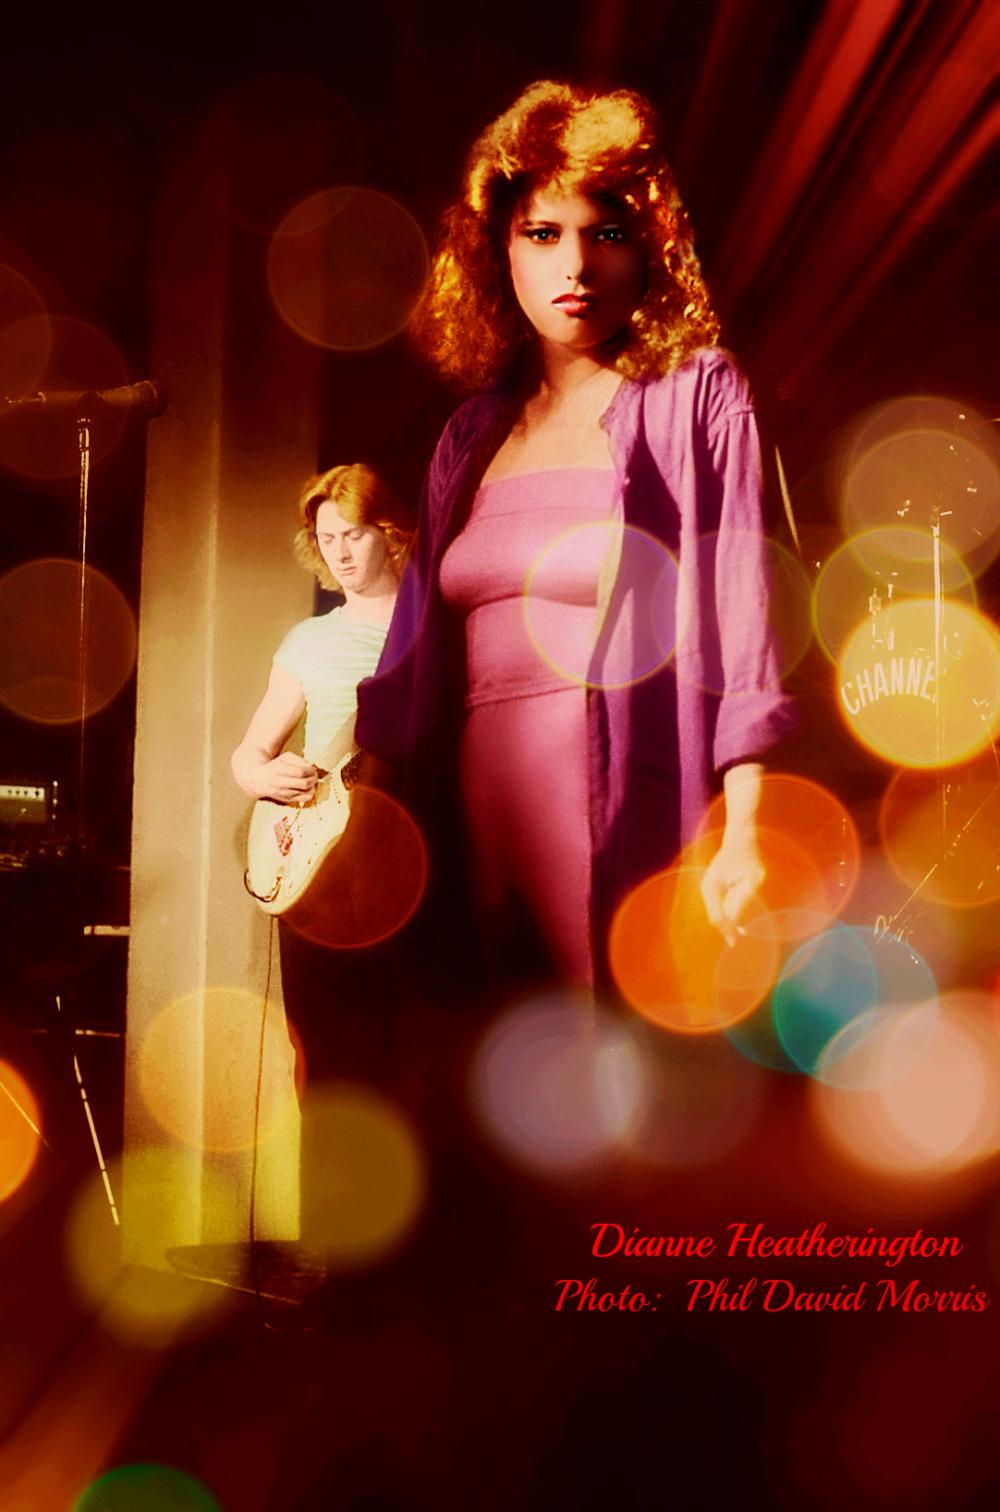 Dianne Heatherington - Wikipedia